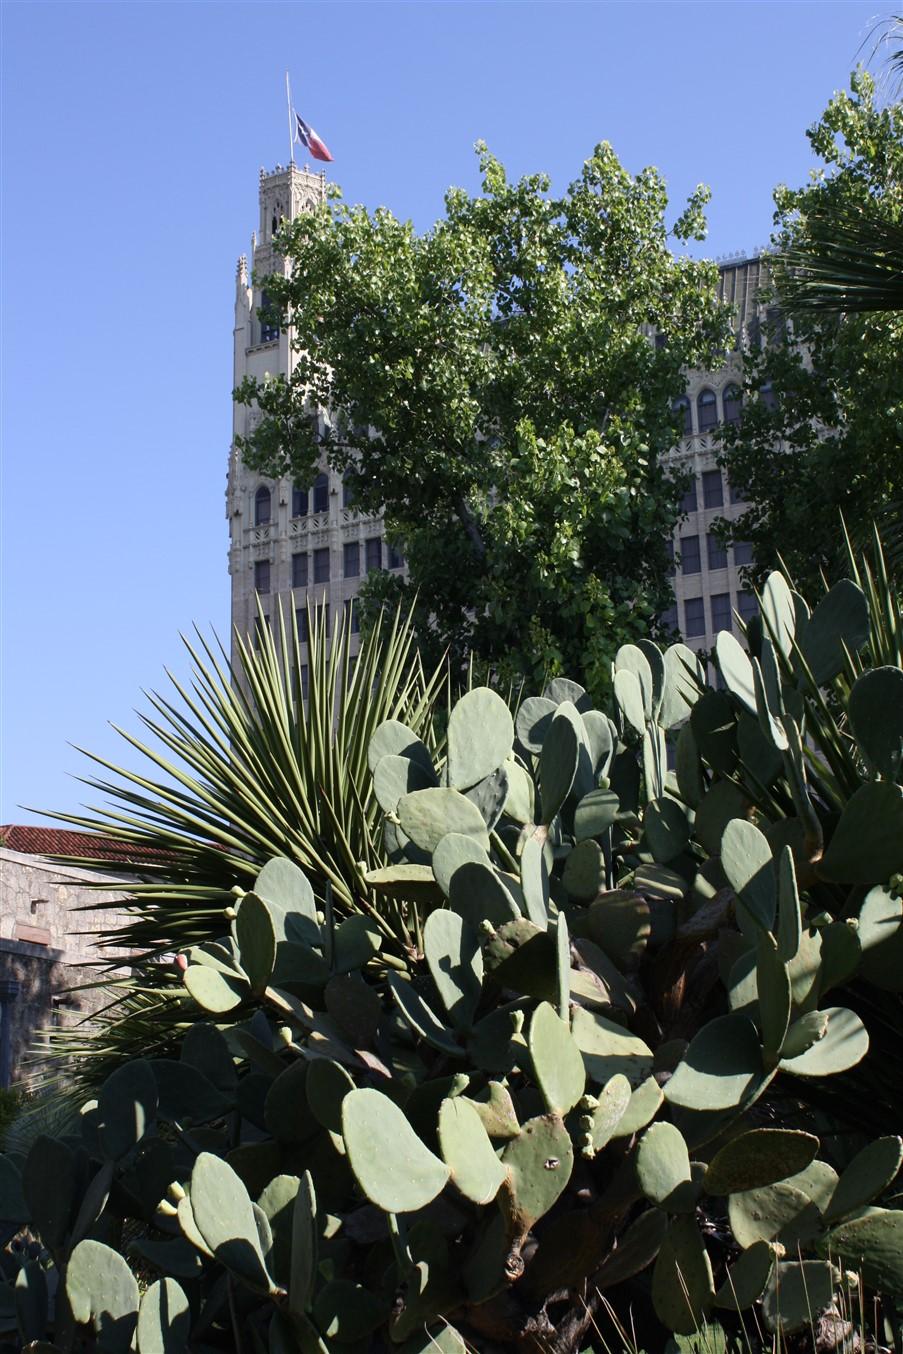 2009 08 27 9 San Antonio Alamo.jpg